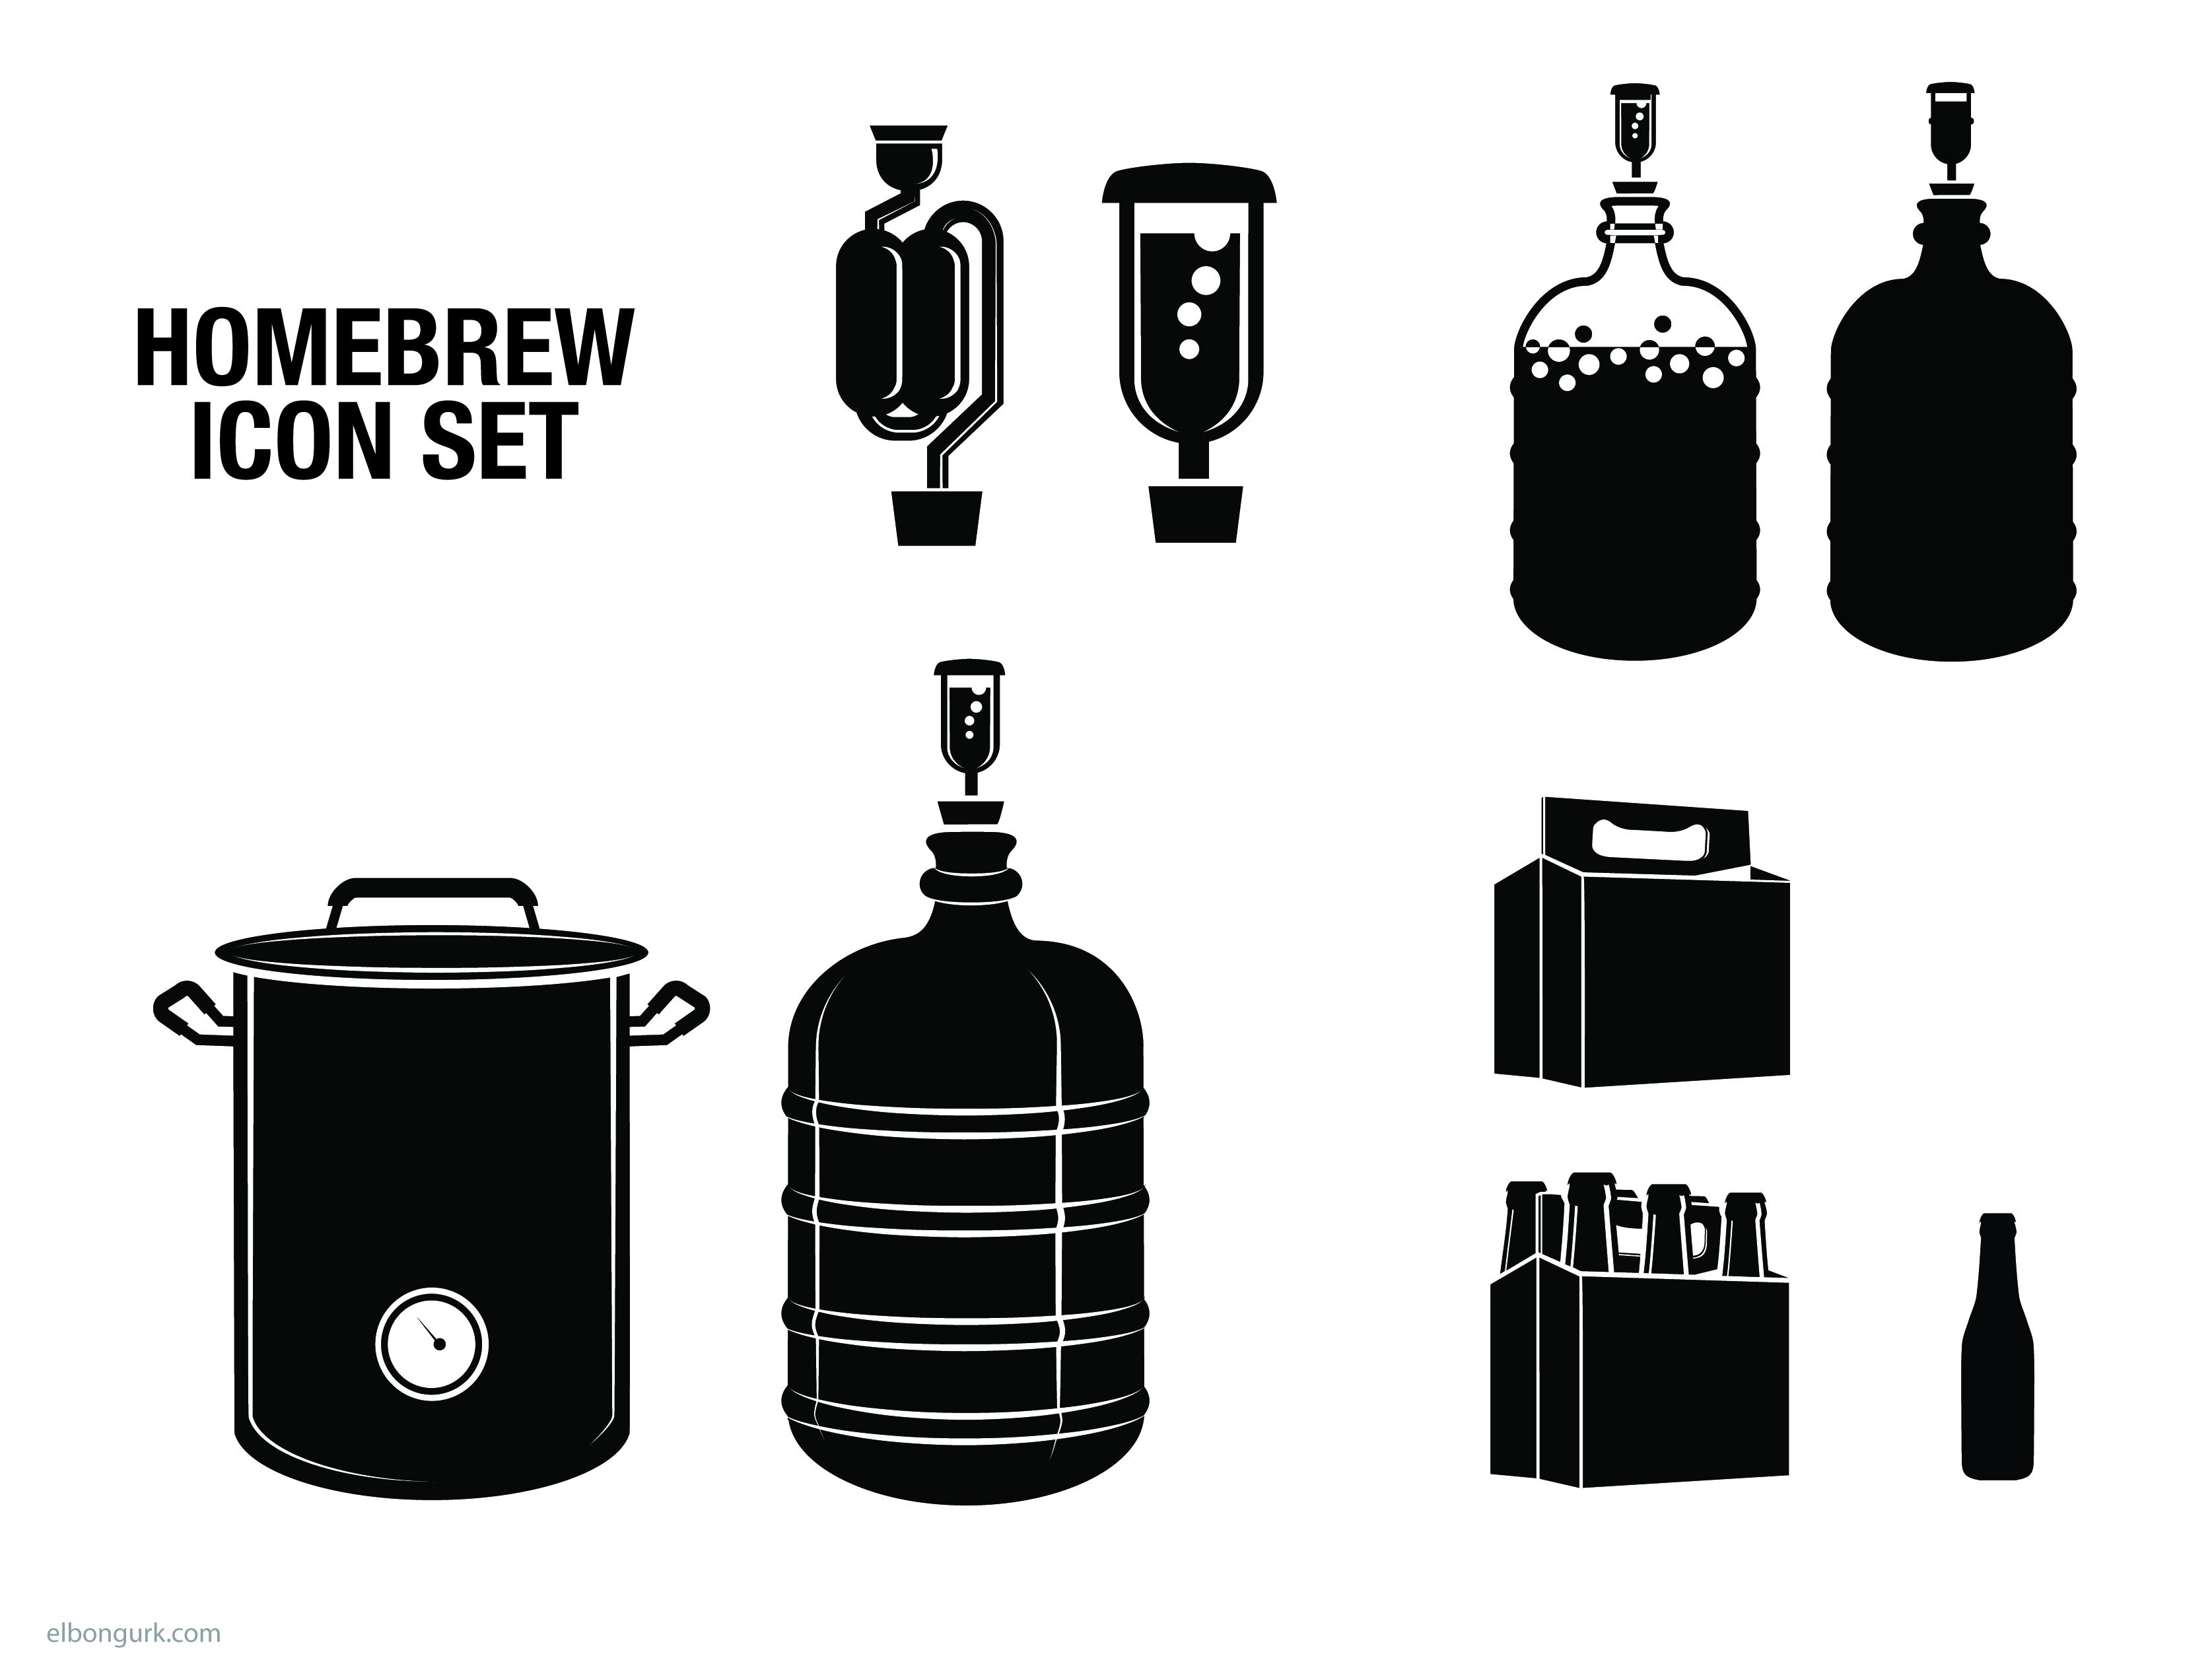 home-brew icon set